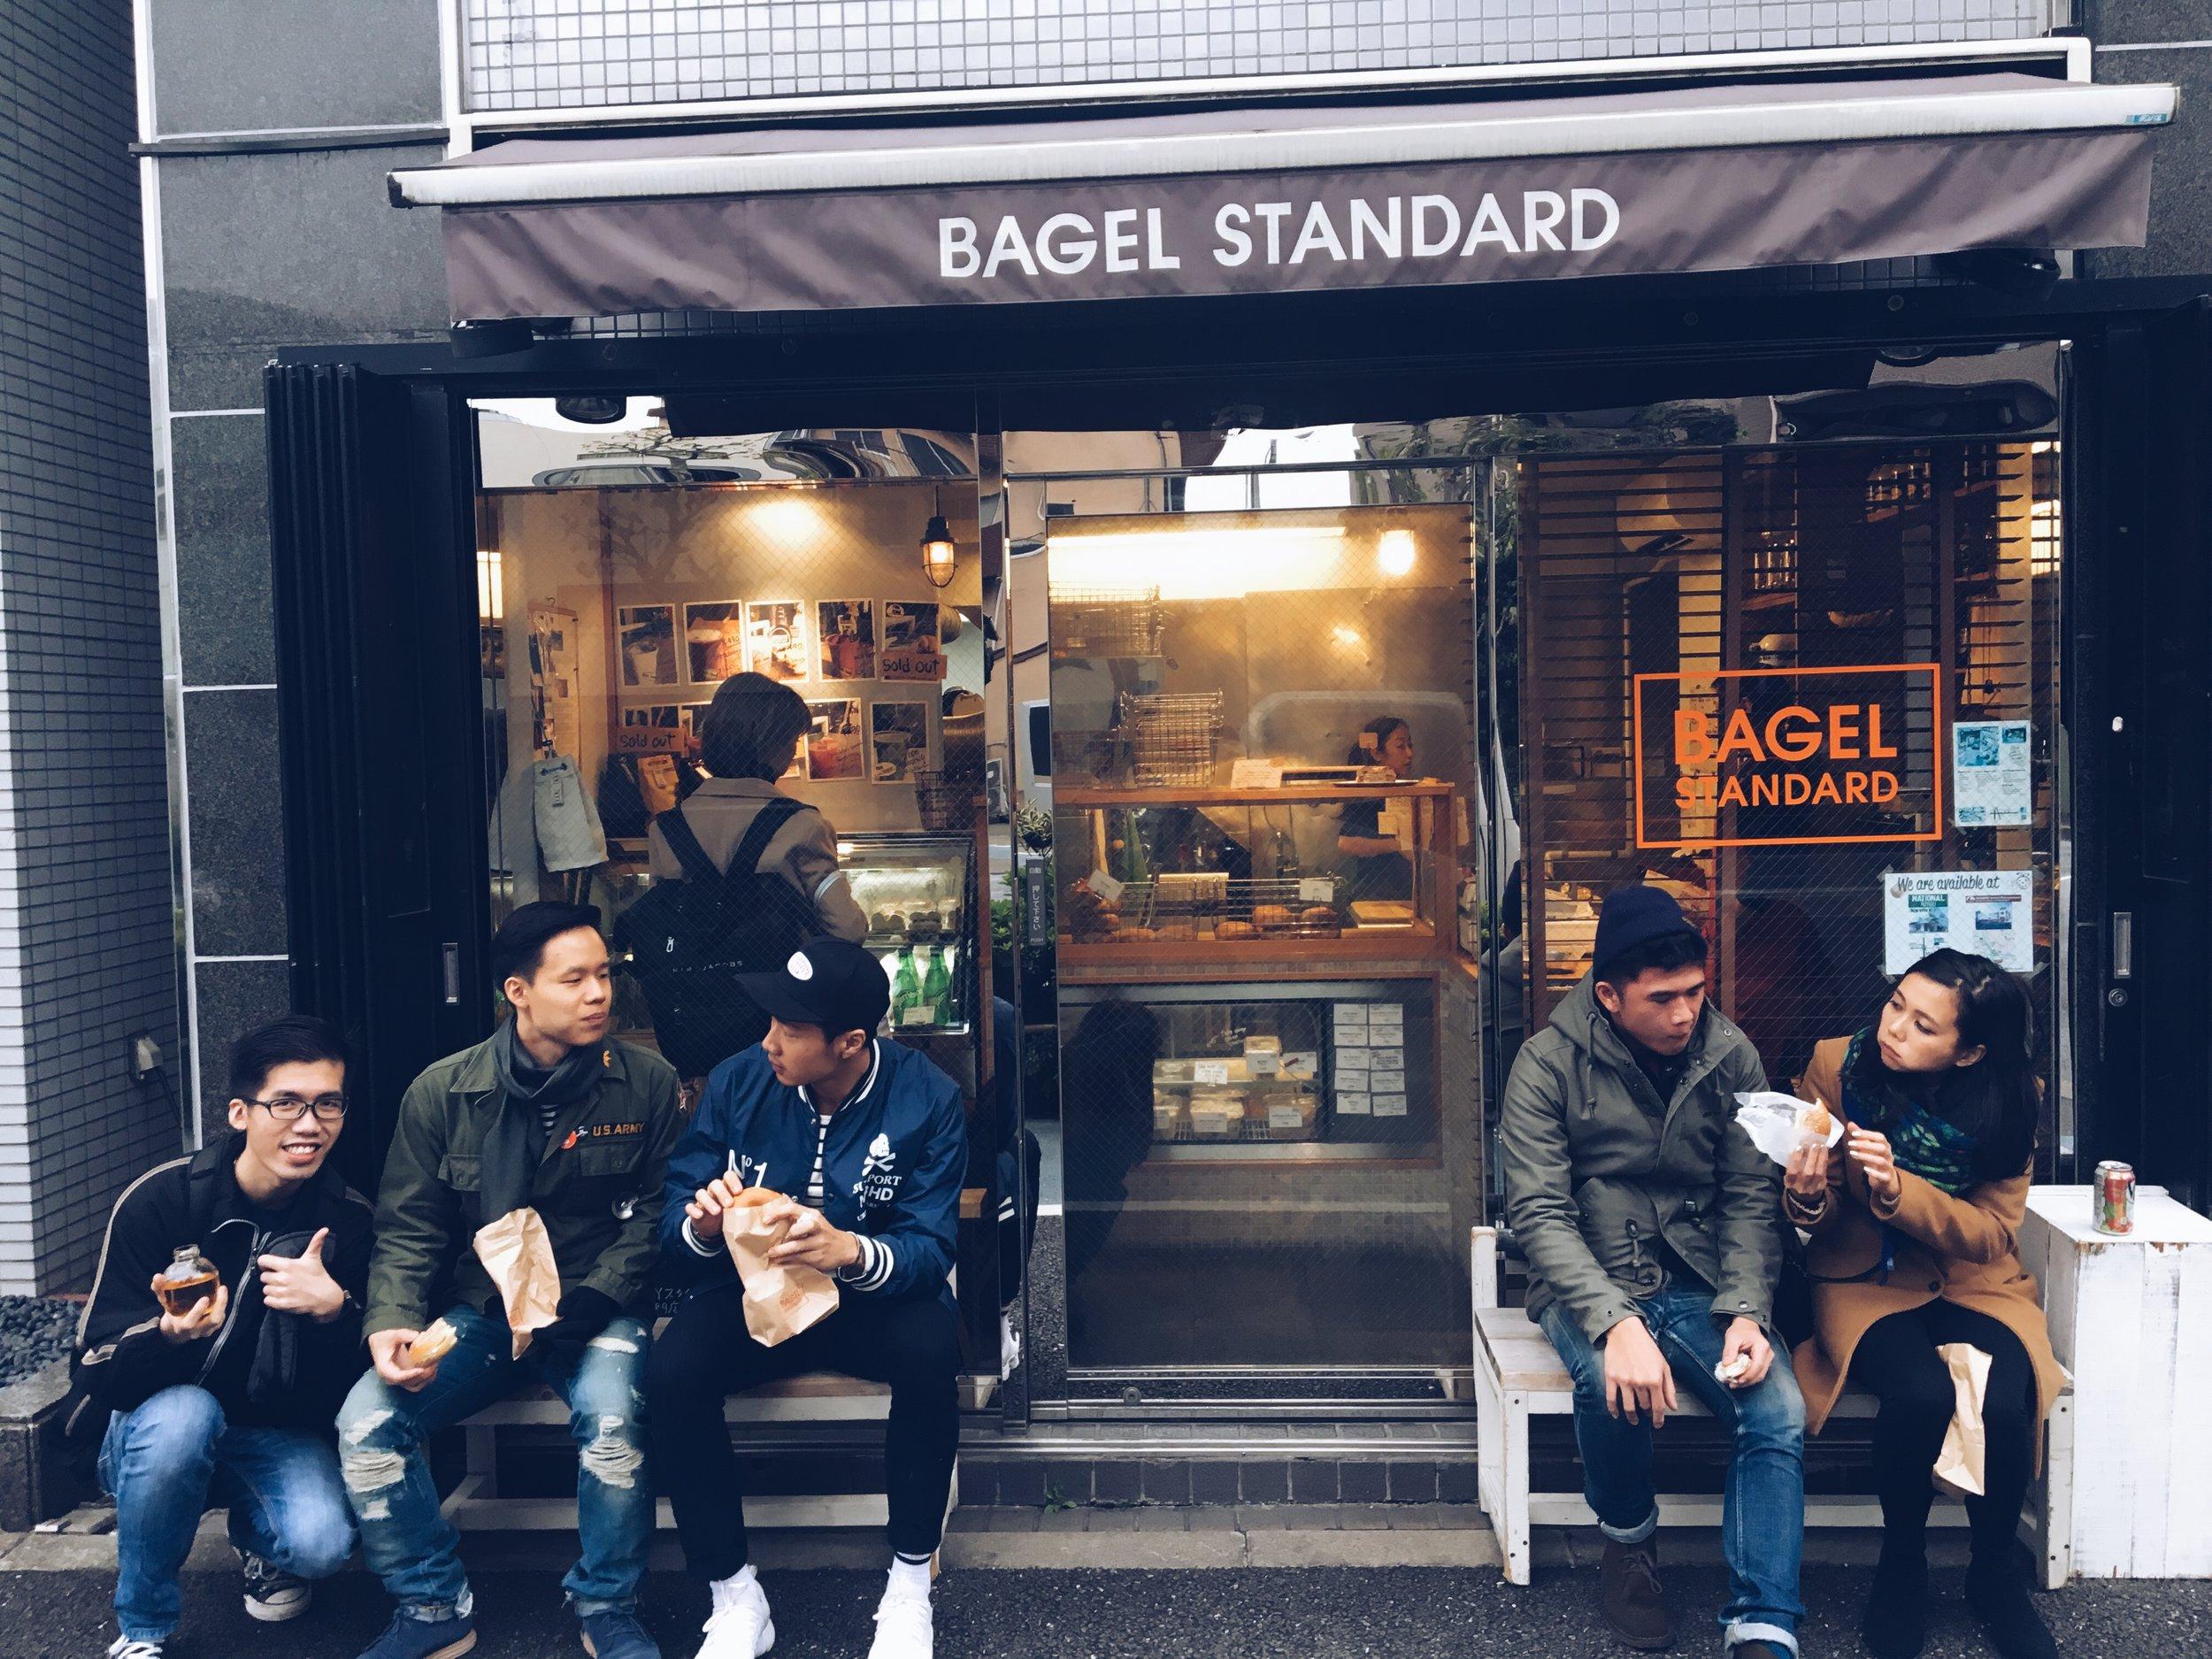 Bagel standard joint